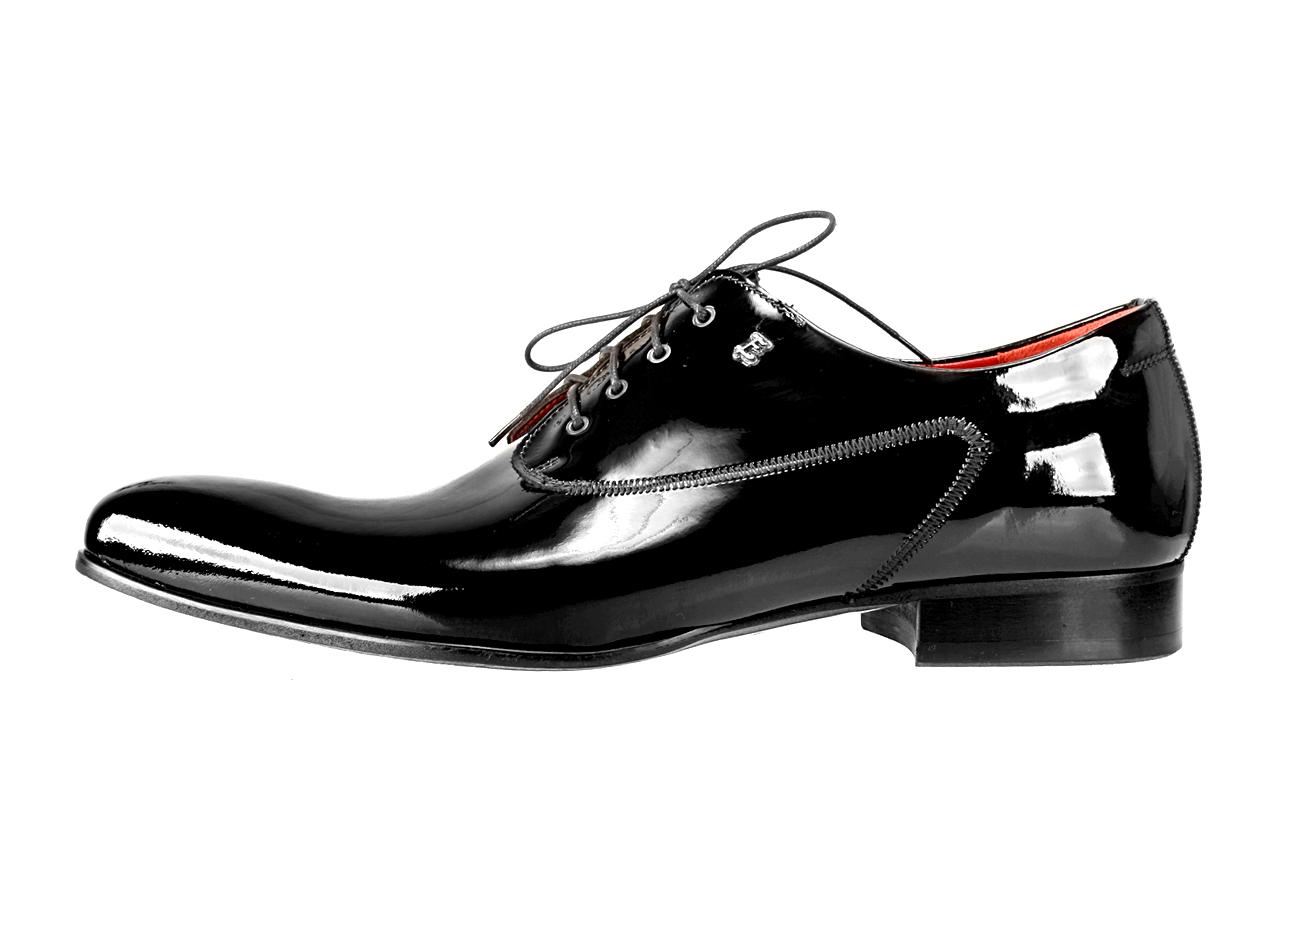 Obuwie wizytowe sznurowane id 290 comodo e sano obuwie doskona e internetowy sklep obuwniczy House sklep buty meskie